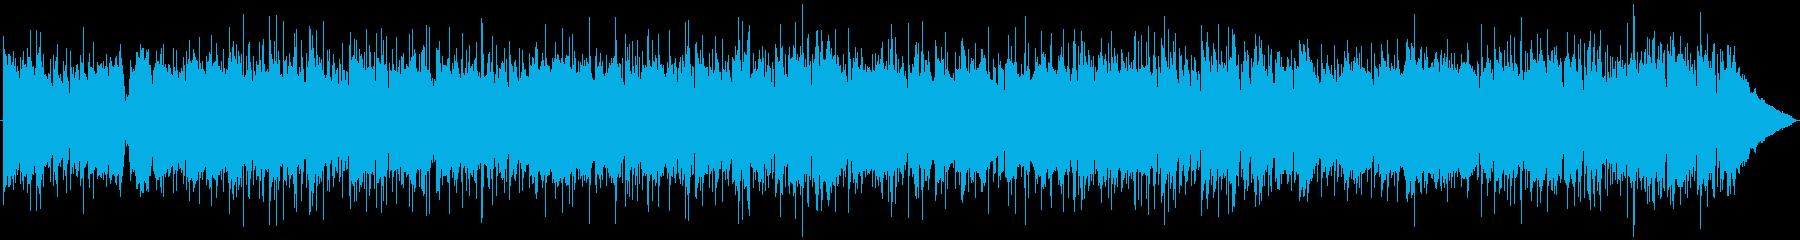 マンドリンのカントリーバラードBGMの再生済みの波形